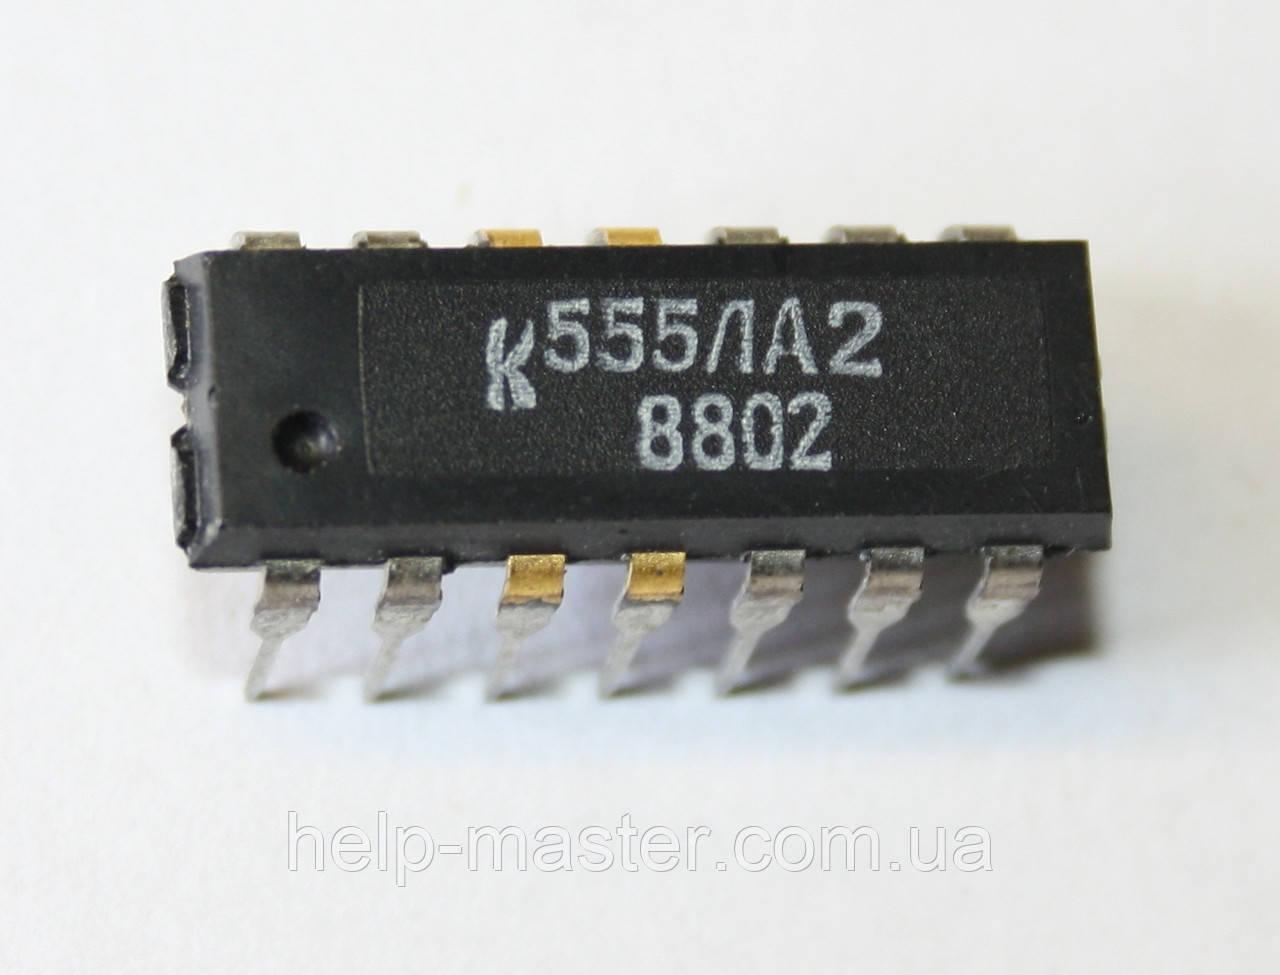 Микросхема К555ЛА2 (DIP-14)